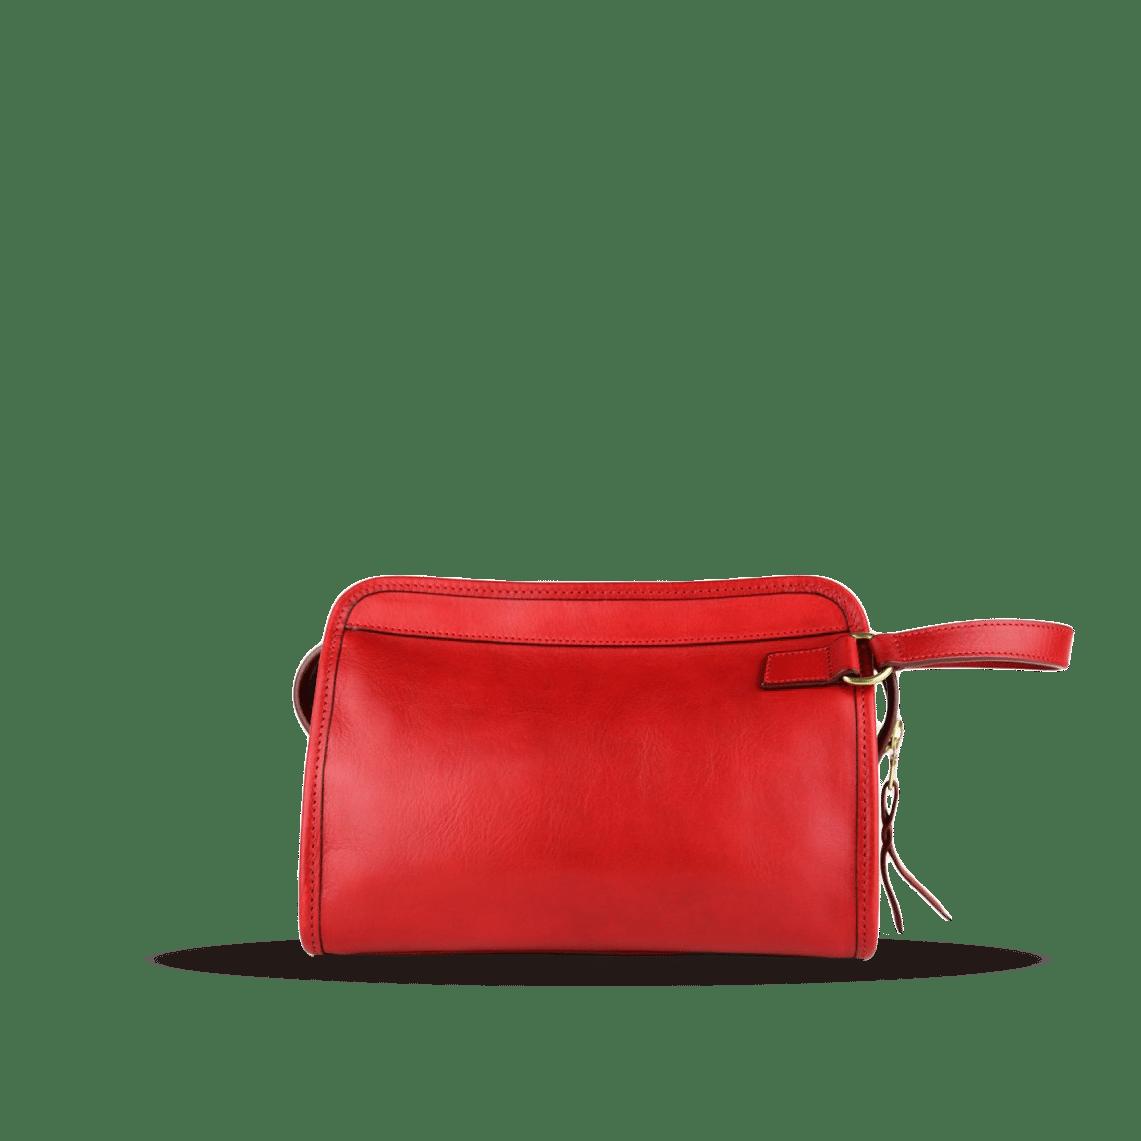 Frank Clegg Red Large Travel Kit